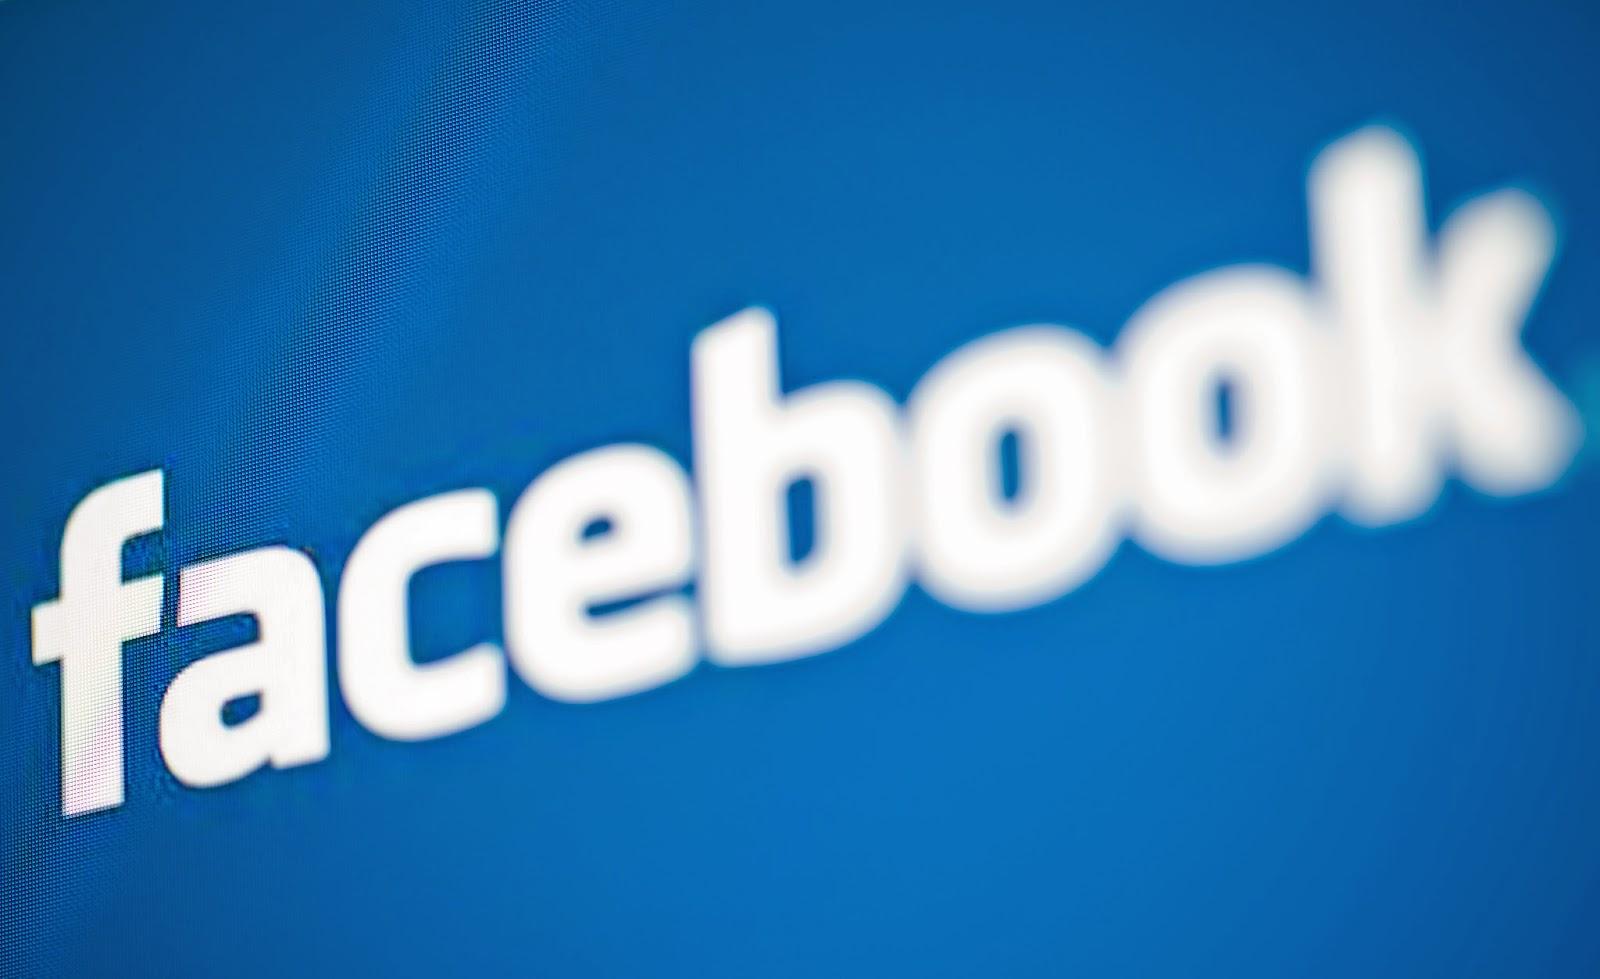 خطوات بسيطة تمكنك من حظر أى شخص تريد من قائمة أصدقائك بالفيسبوك دون حذفه